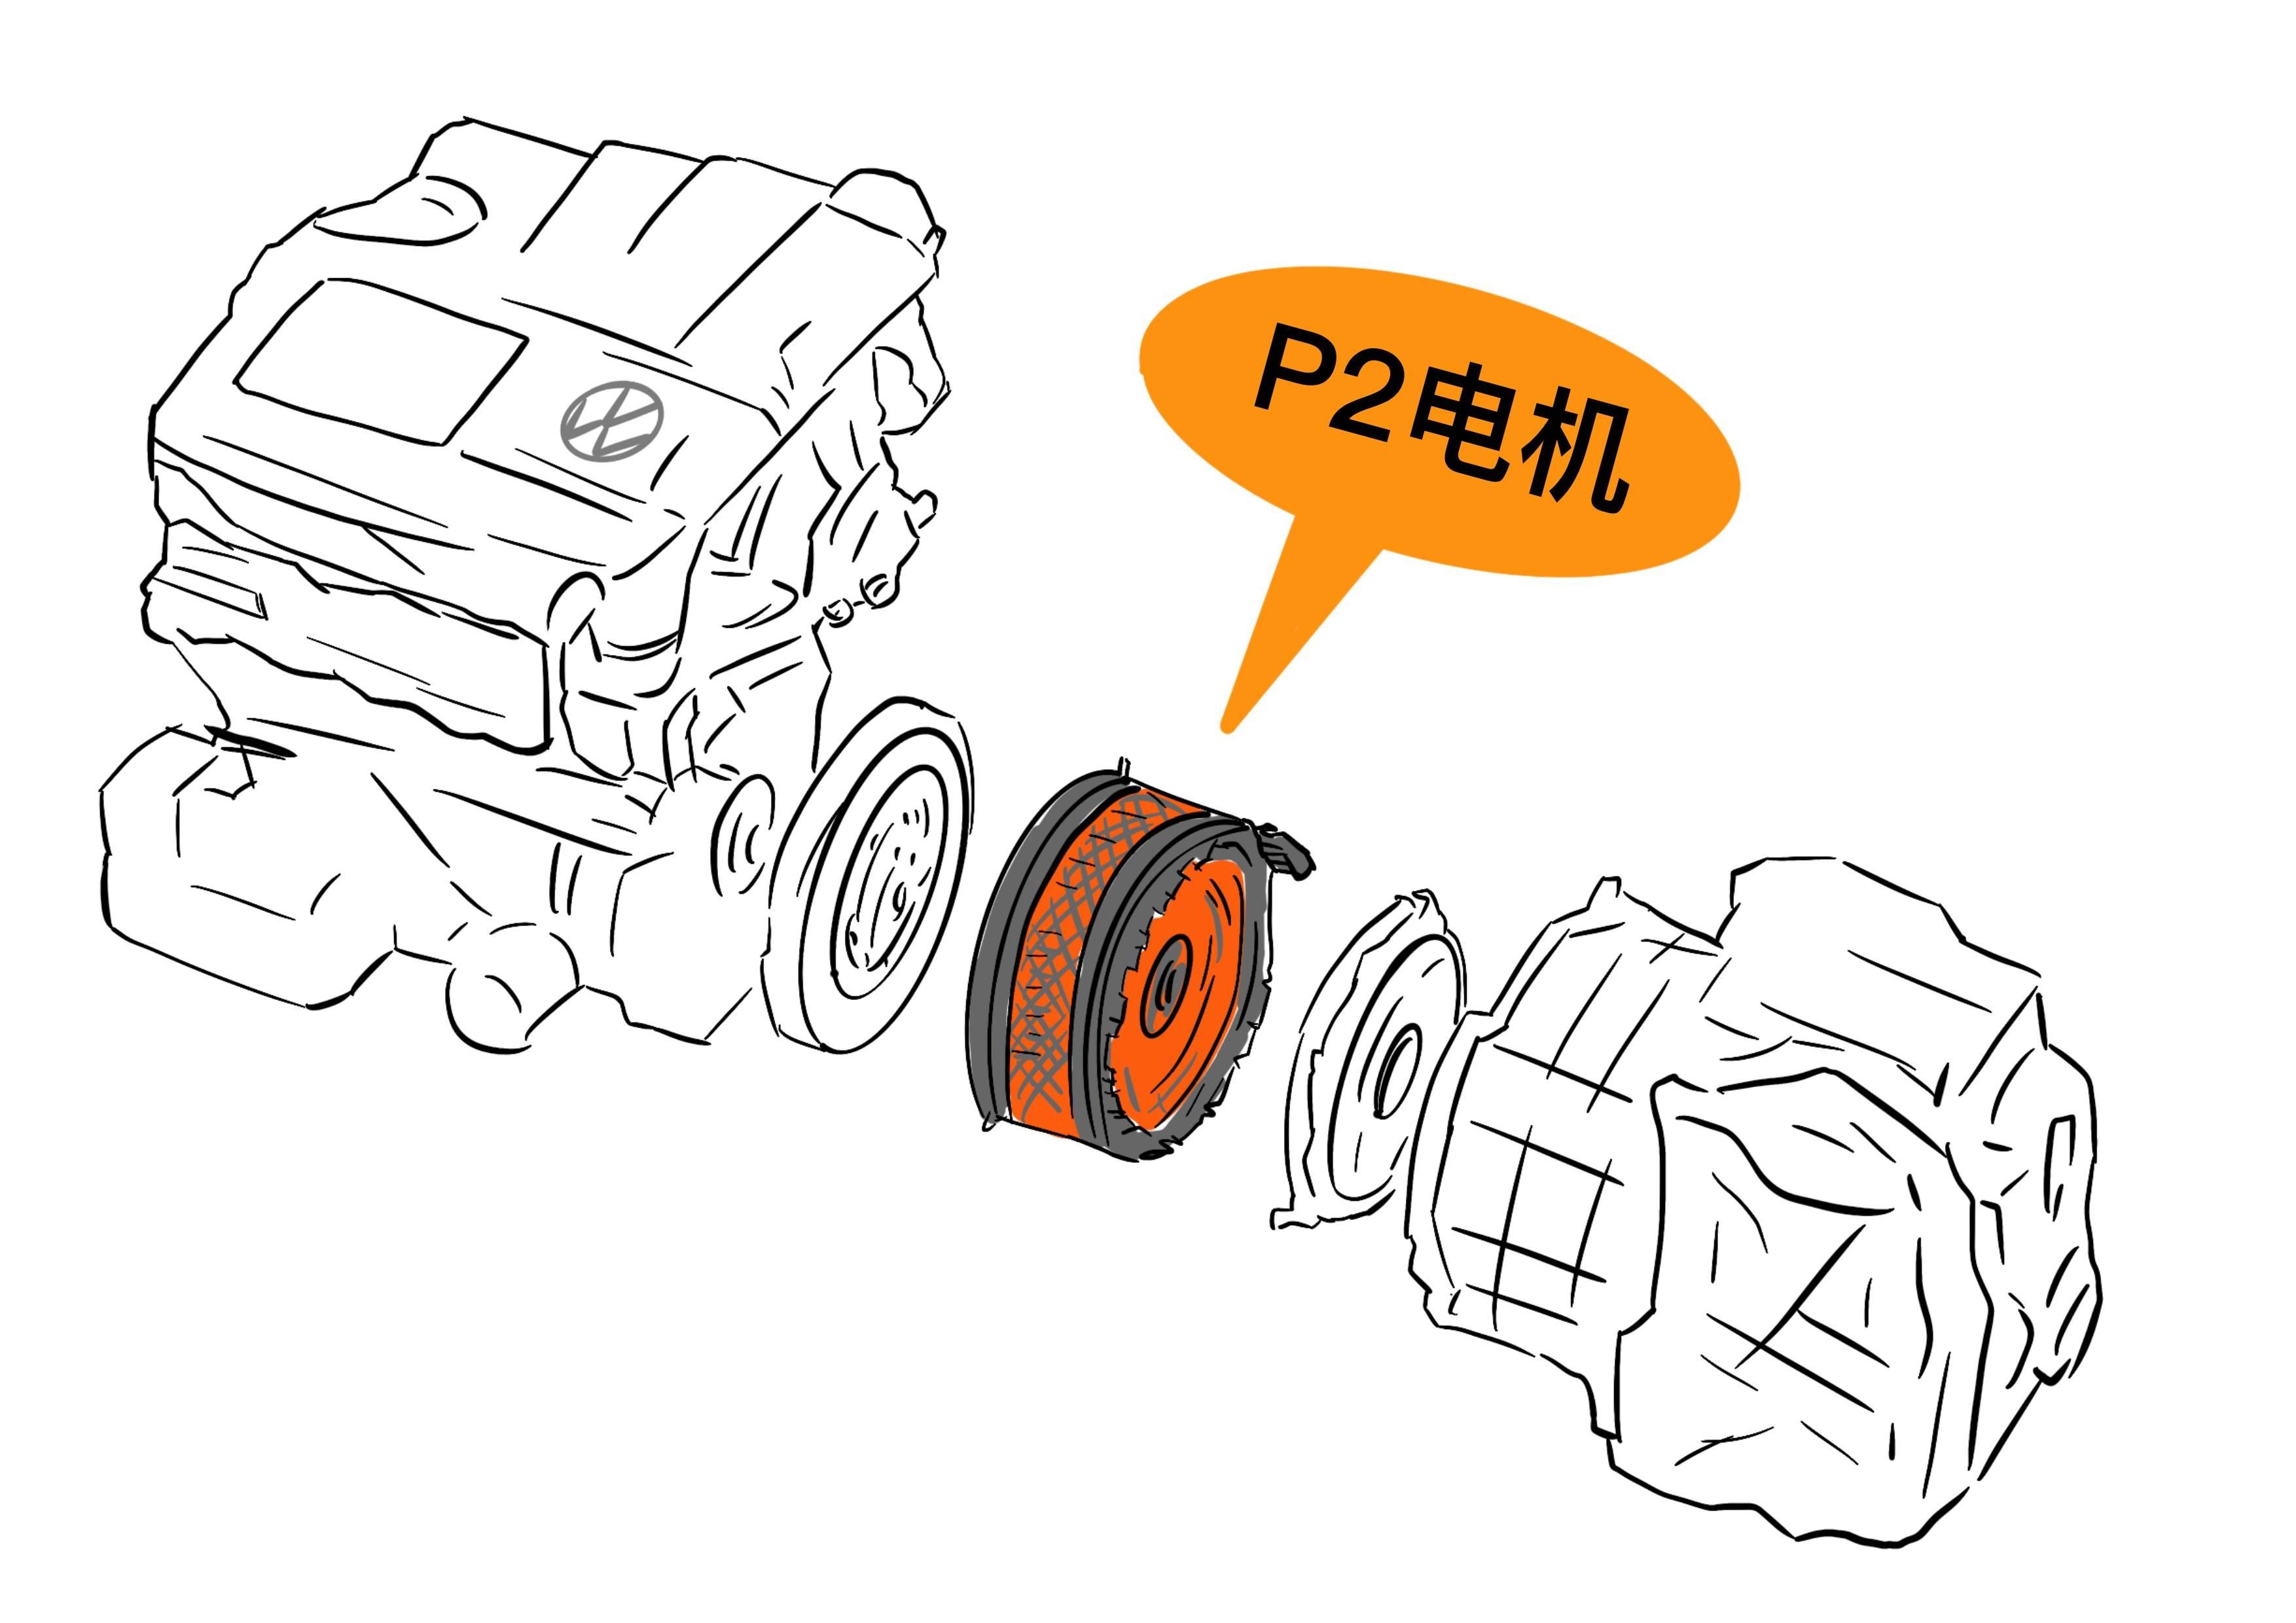 混动系统P2架构